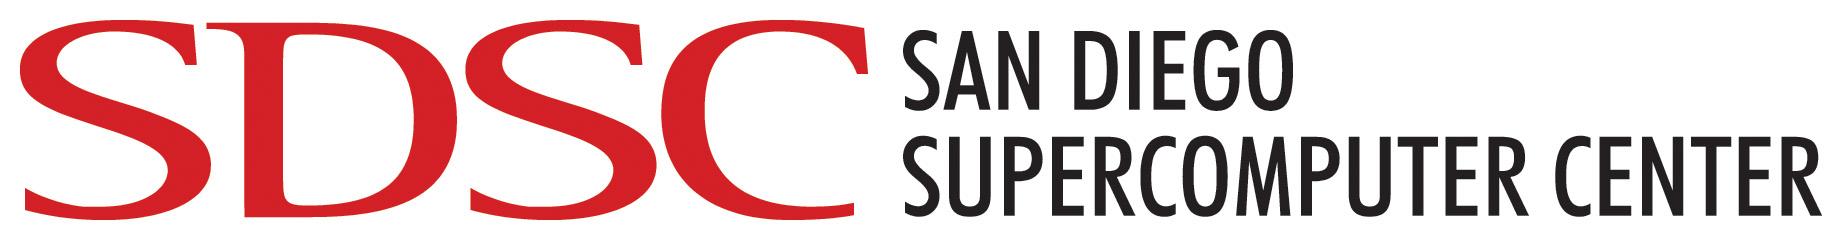 San Diego Supercomputer Center